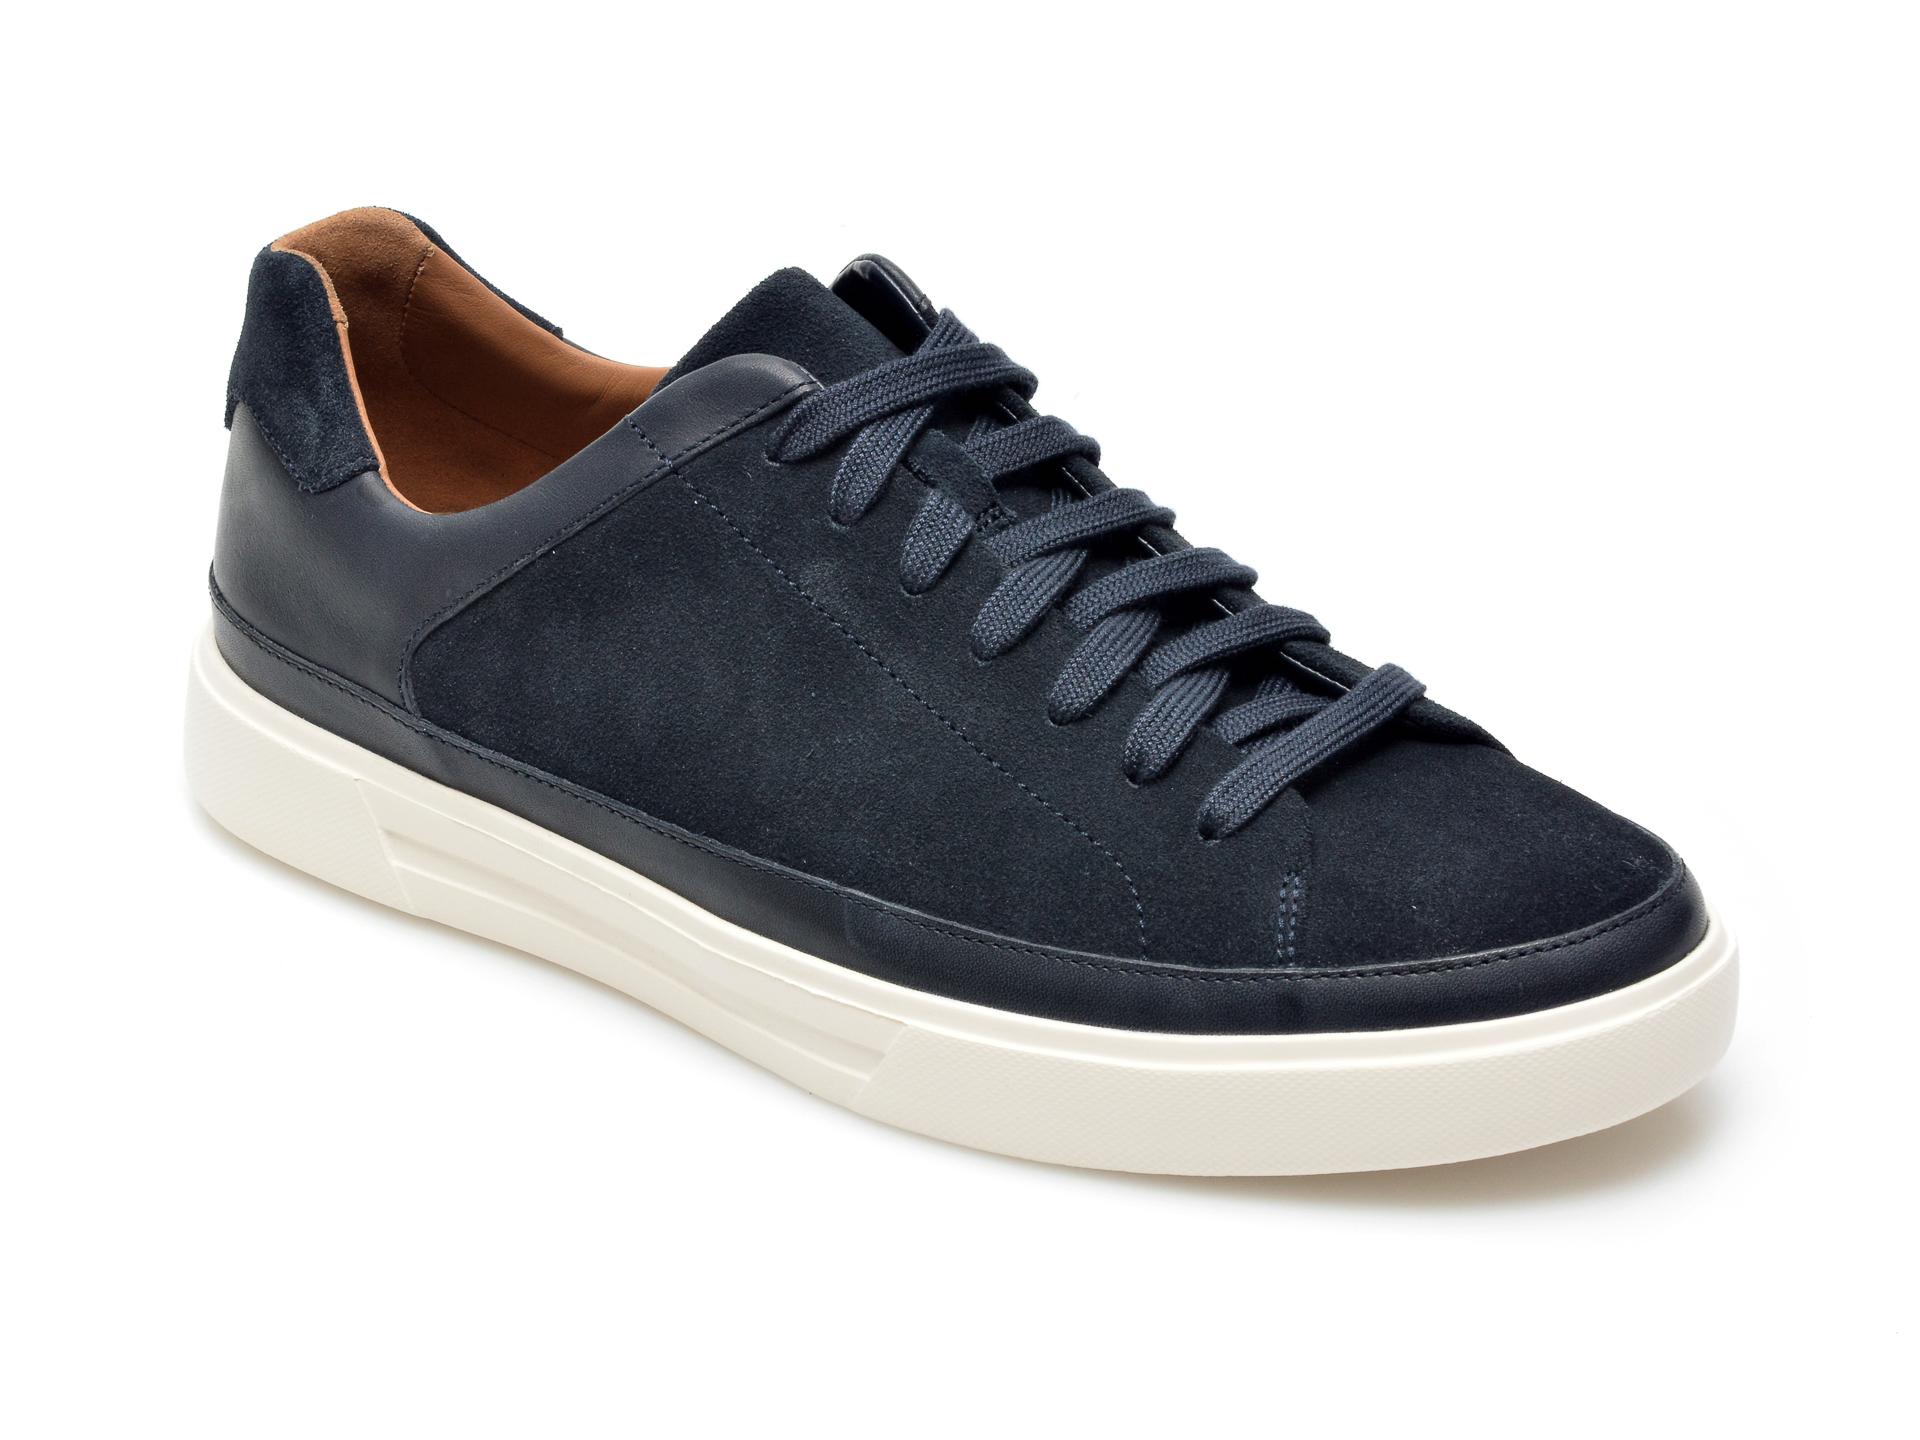 Pantofi CLARKS bleumarin, Un Costa Tie, din piele intoarsa imagine otter.ro 2021